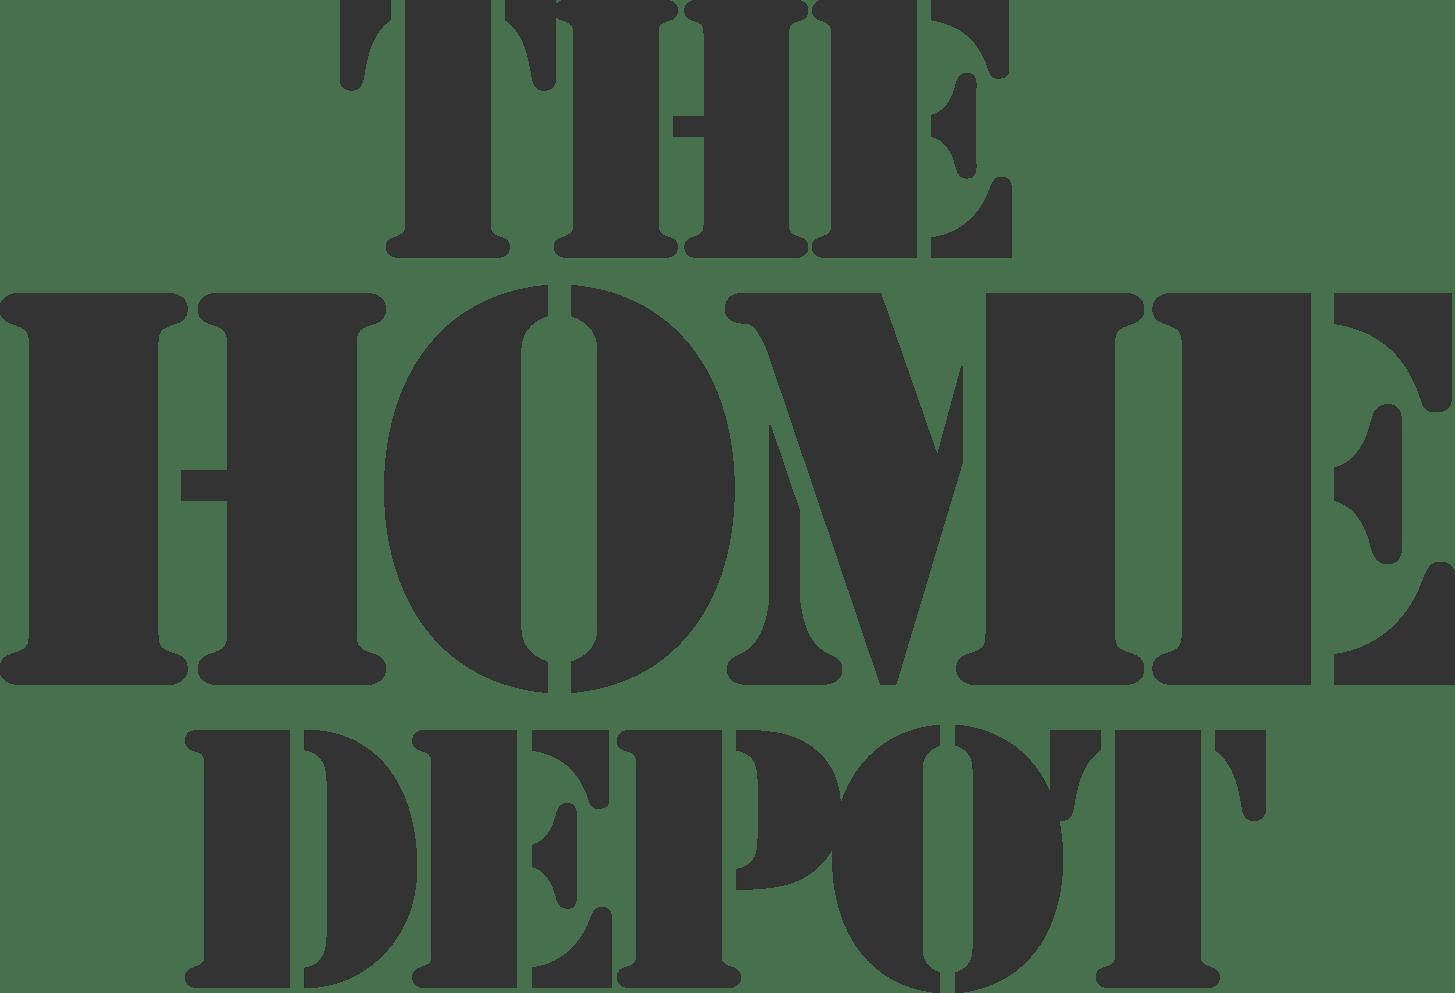 Home Depot Transparent Logo | Getpaidforphotos.com